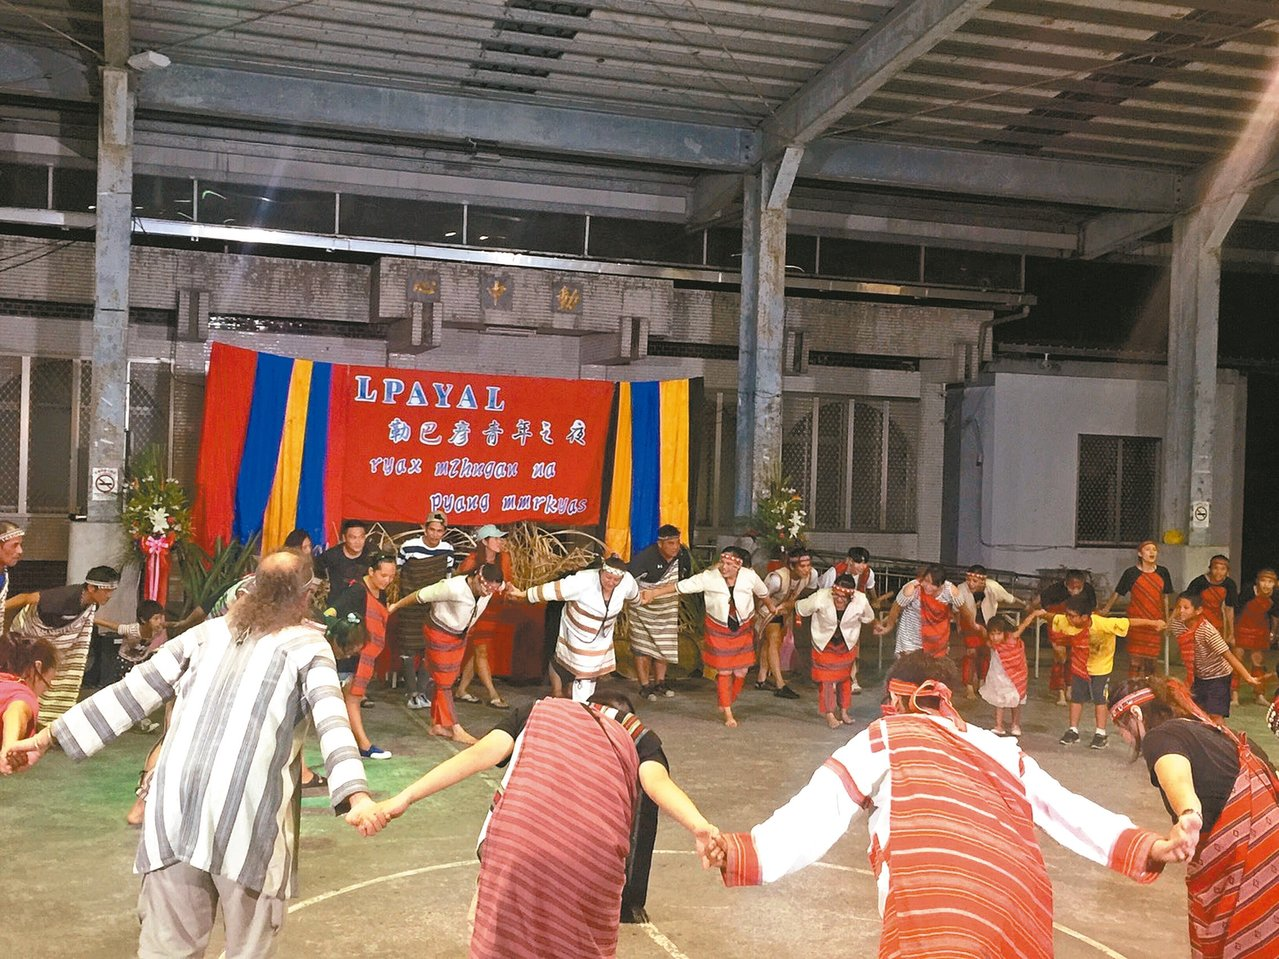 部落很多青年學子在外就業求學,一年一度的小米收穫祭的晚上,會辦理「勒巴彥青年之夜...